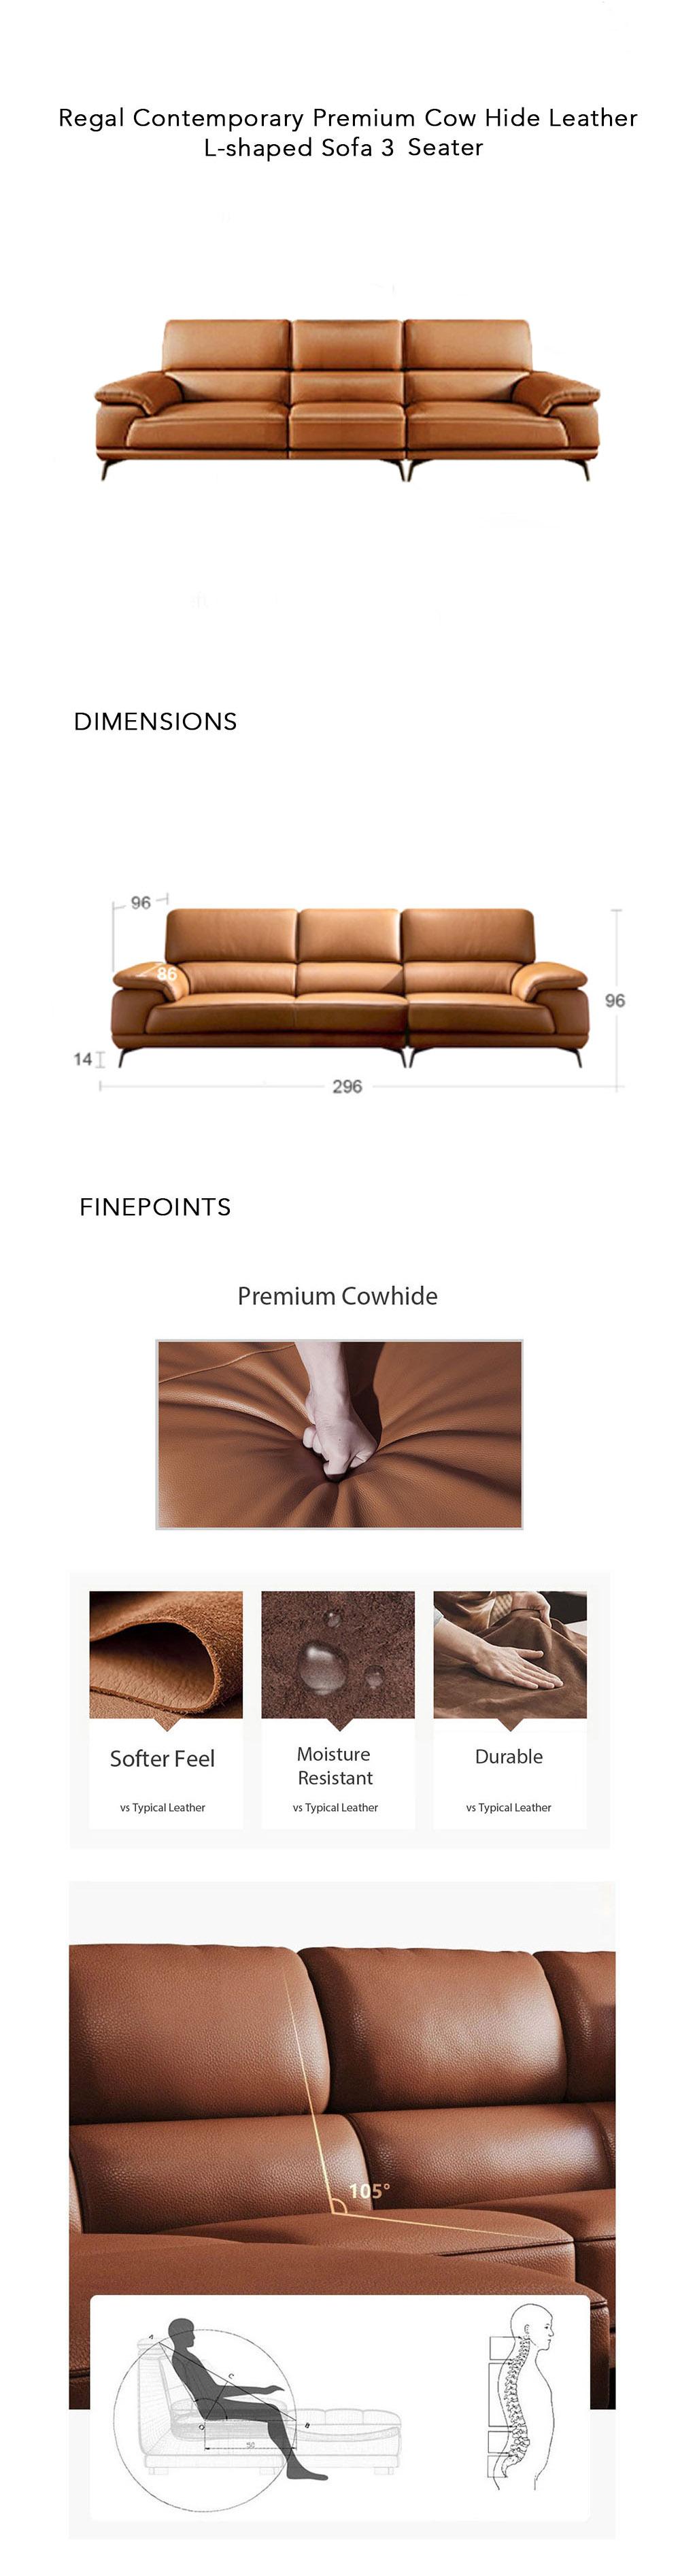 regal-contemporary-cow-hide-l-shape-leather-sofa-3